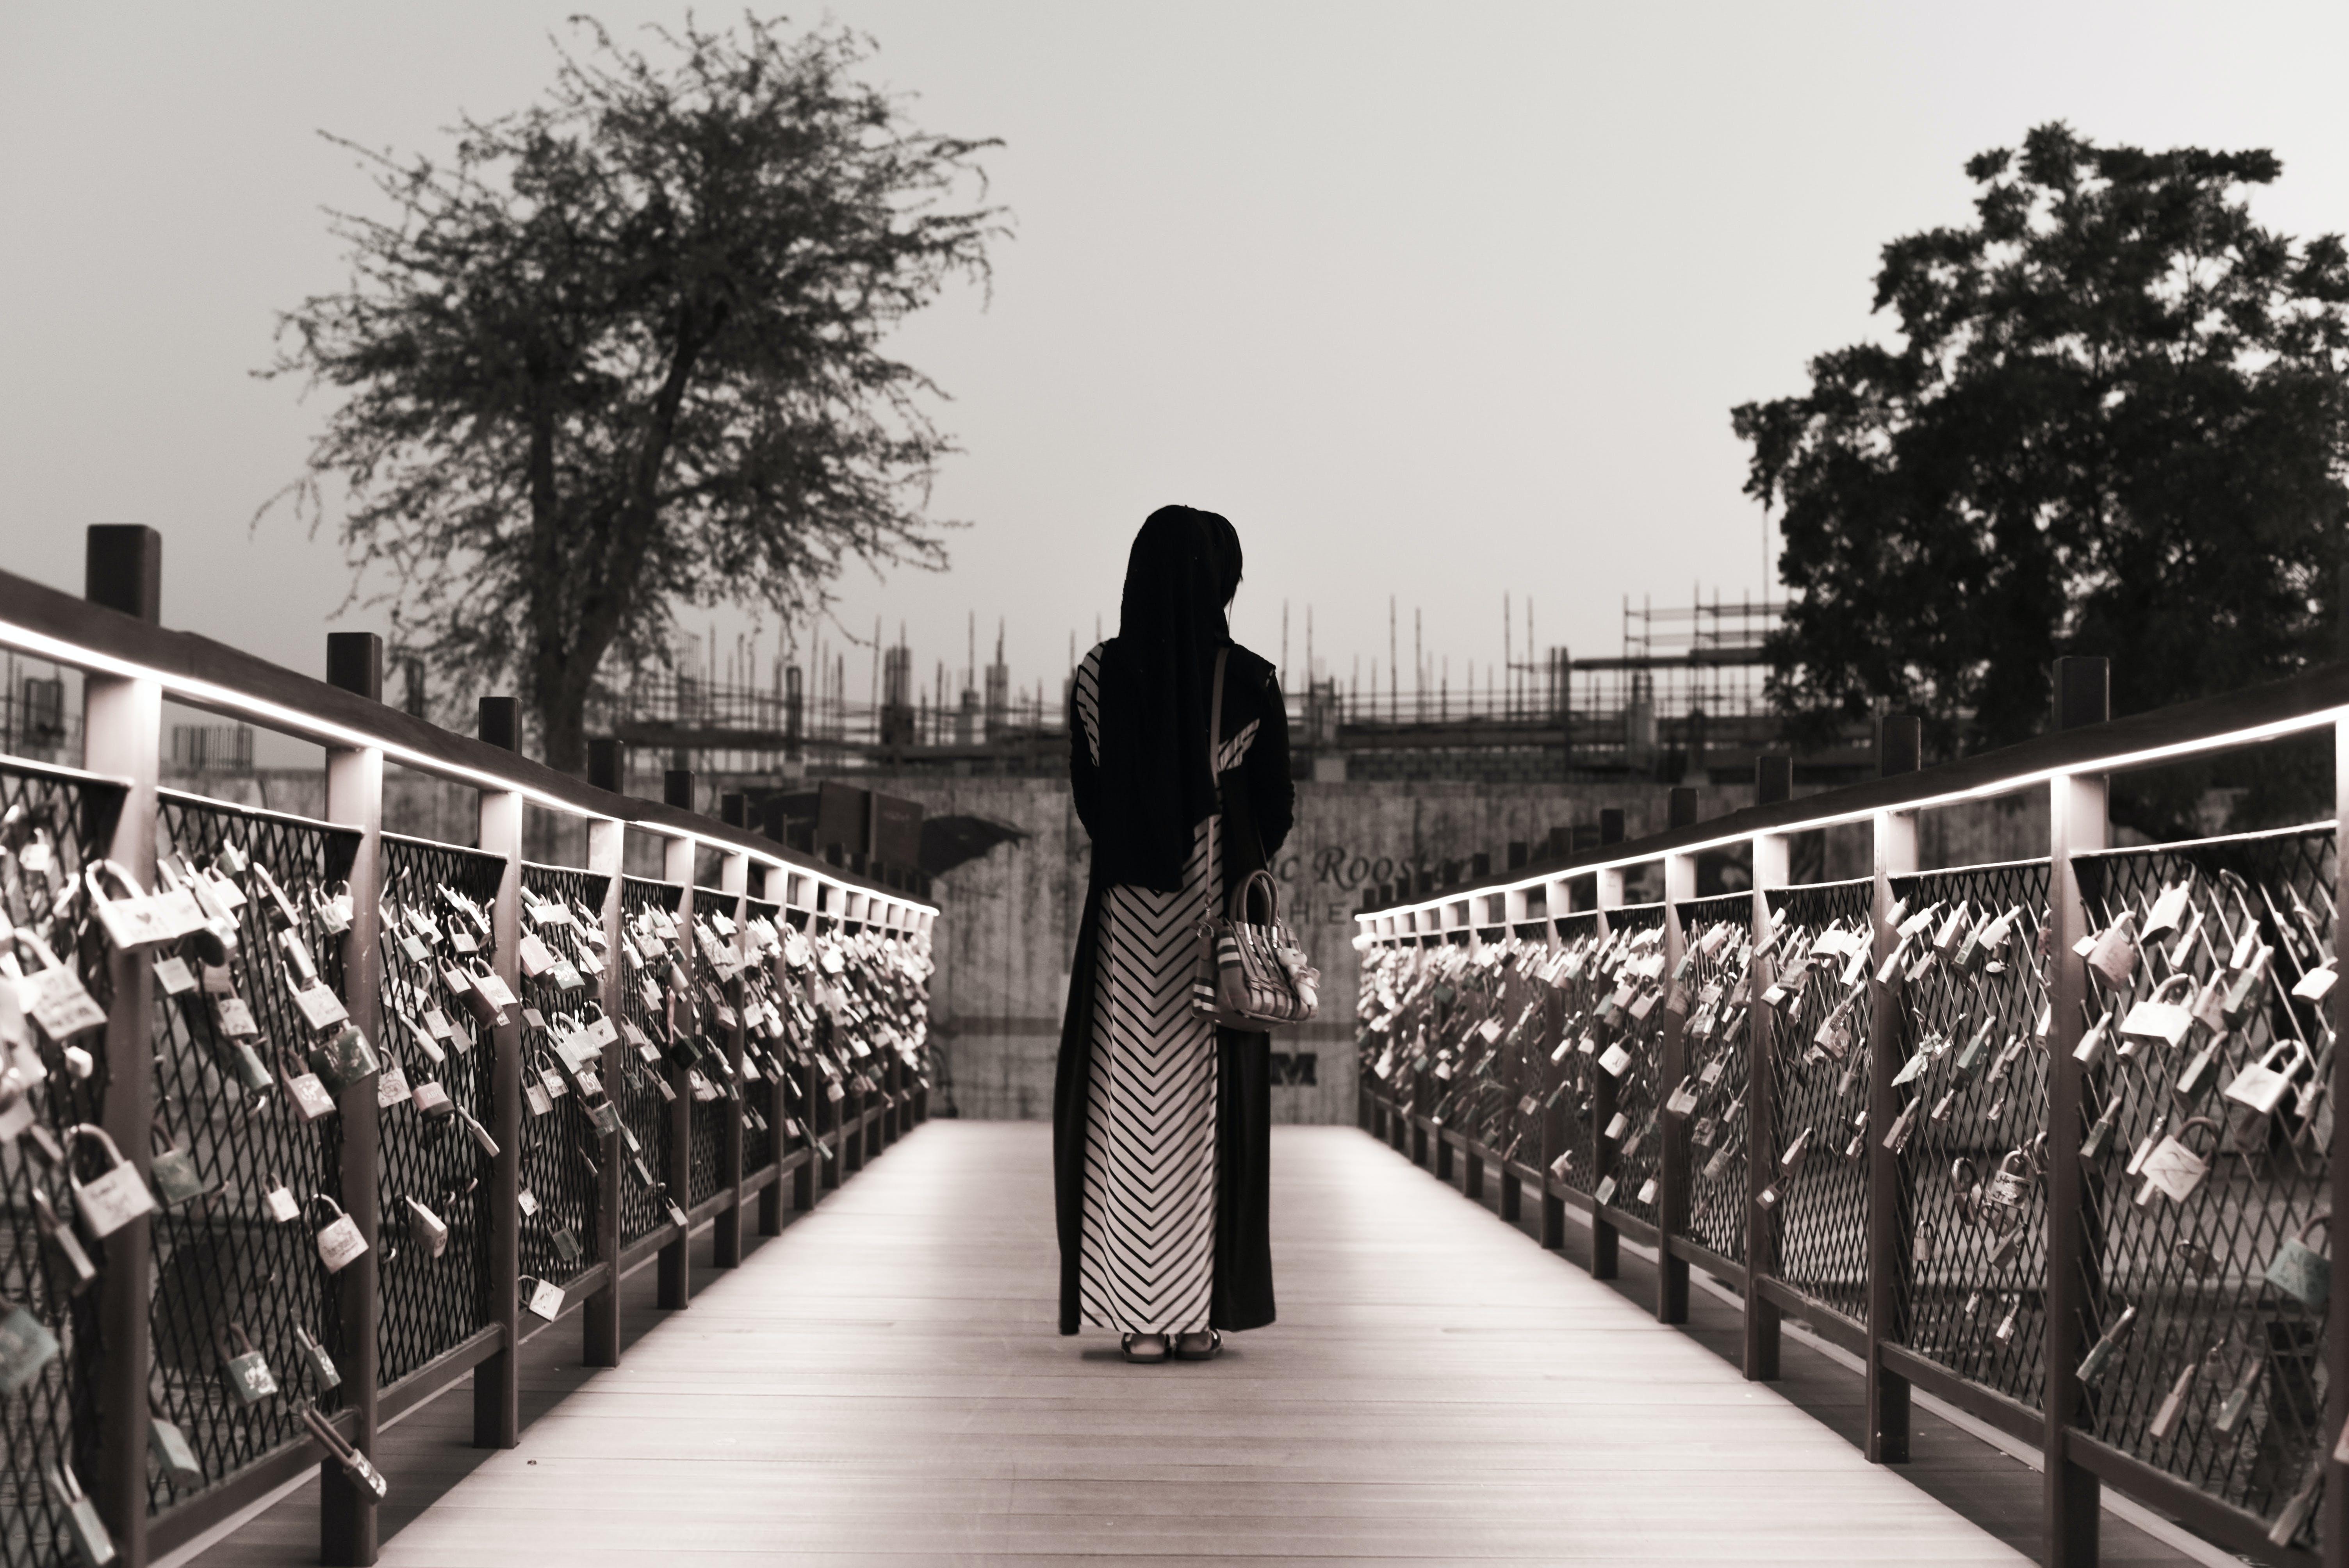 Δωρεάν στοκ φωτογραφιών με dubai, lastexit, meraas, uae